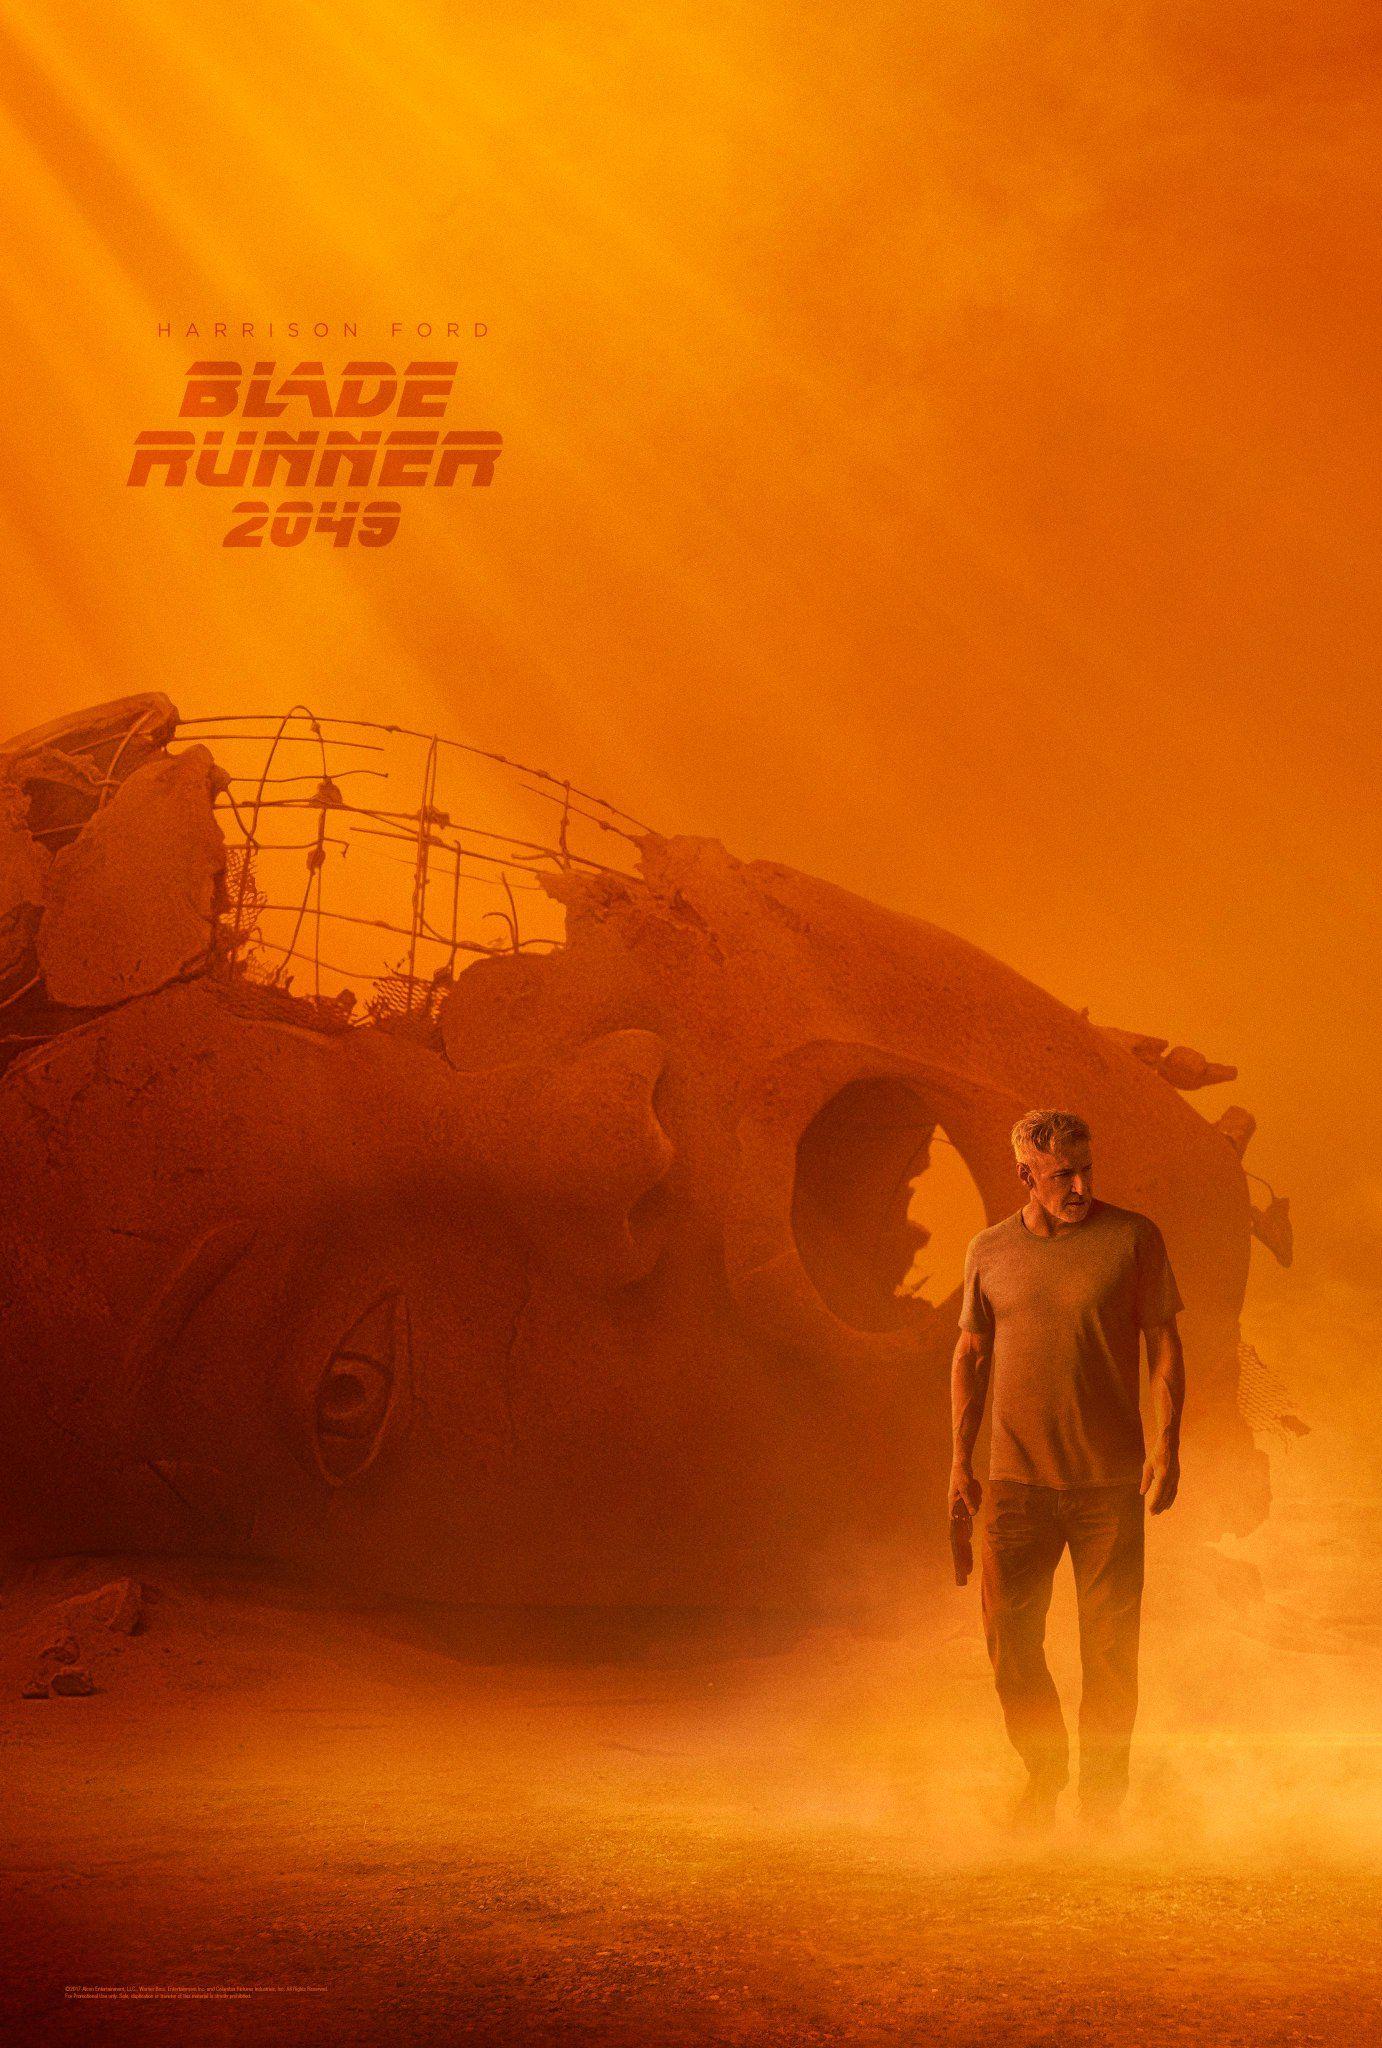 [Image: blade-runner-2049-poster-harrison-ford.jpeg]